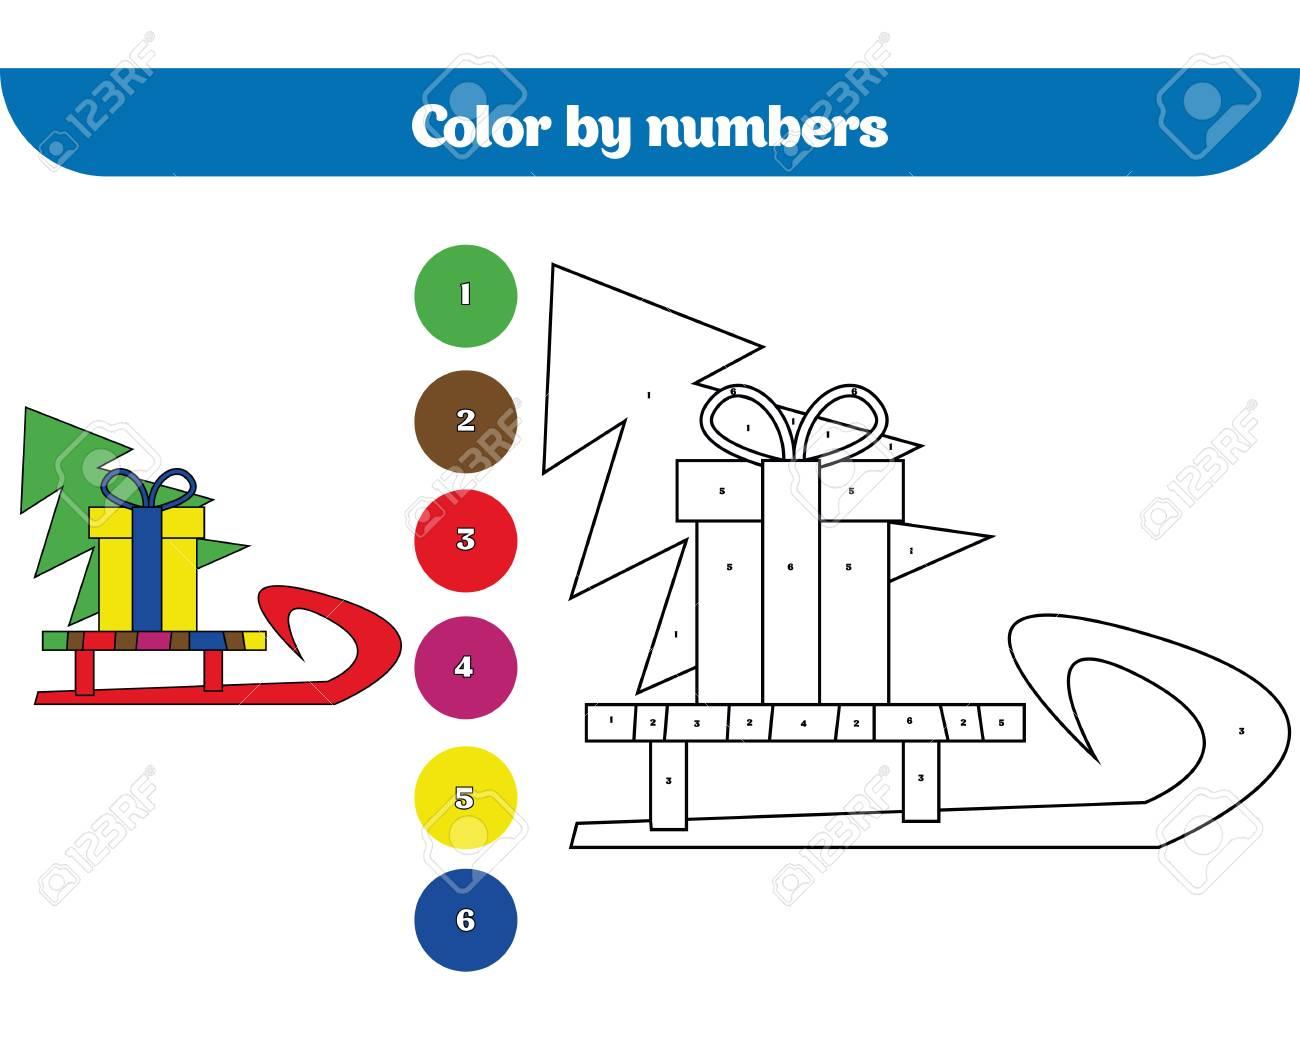 Color Por Número Juego De Educación Para Niños Dibujo Para Colorear Dibujando La Actividad De Los Niños Diseño De Las Fiestas De Navidad Y Año